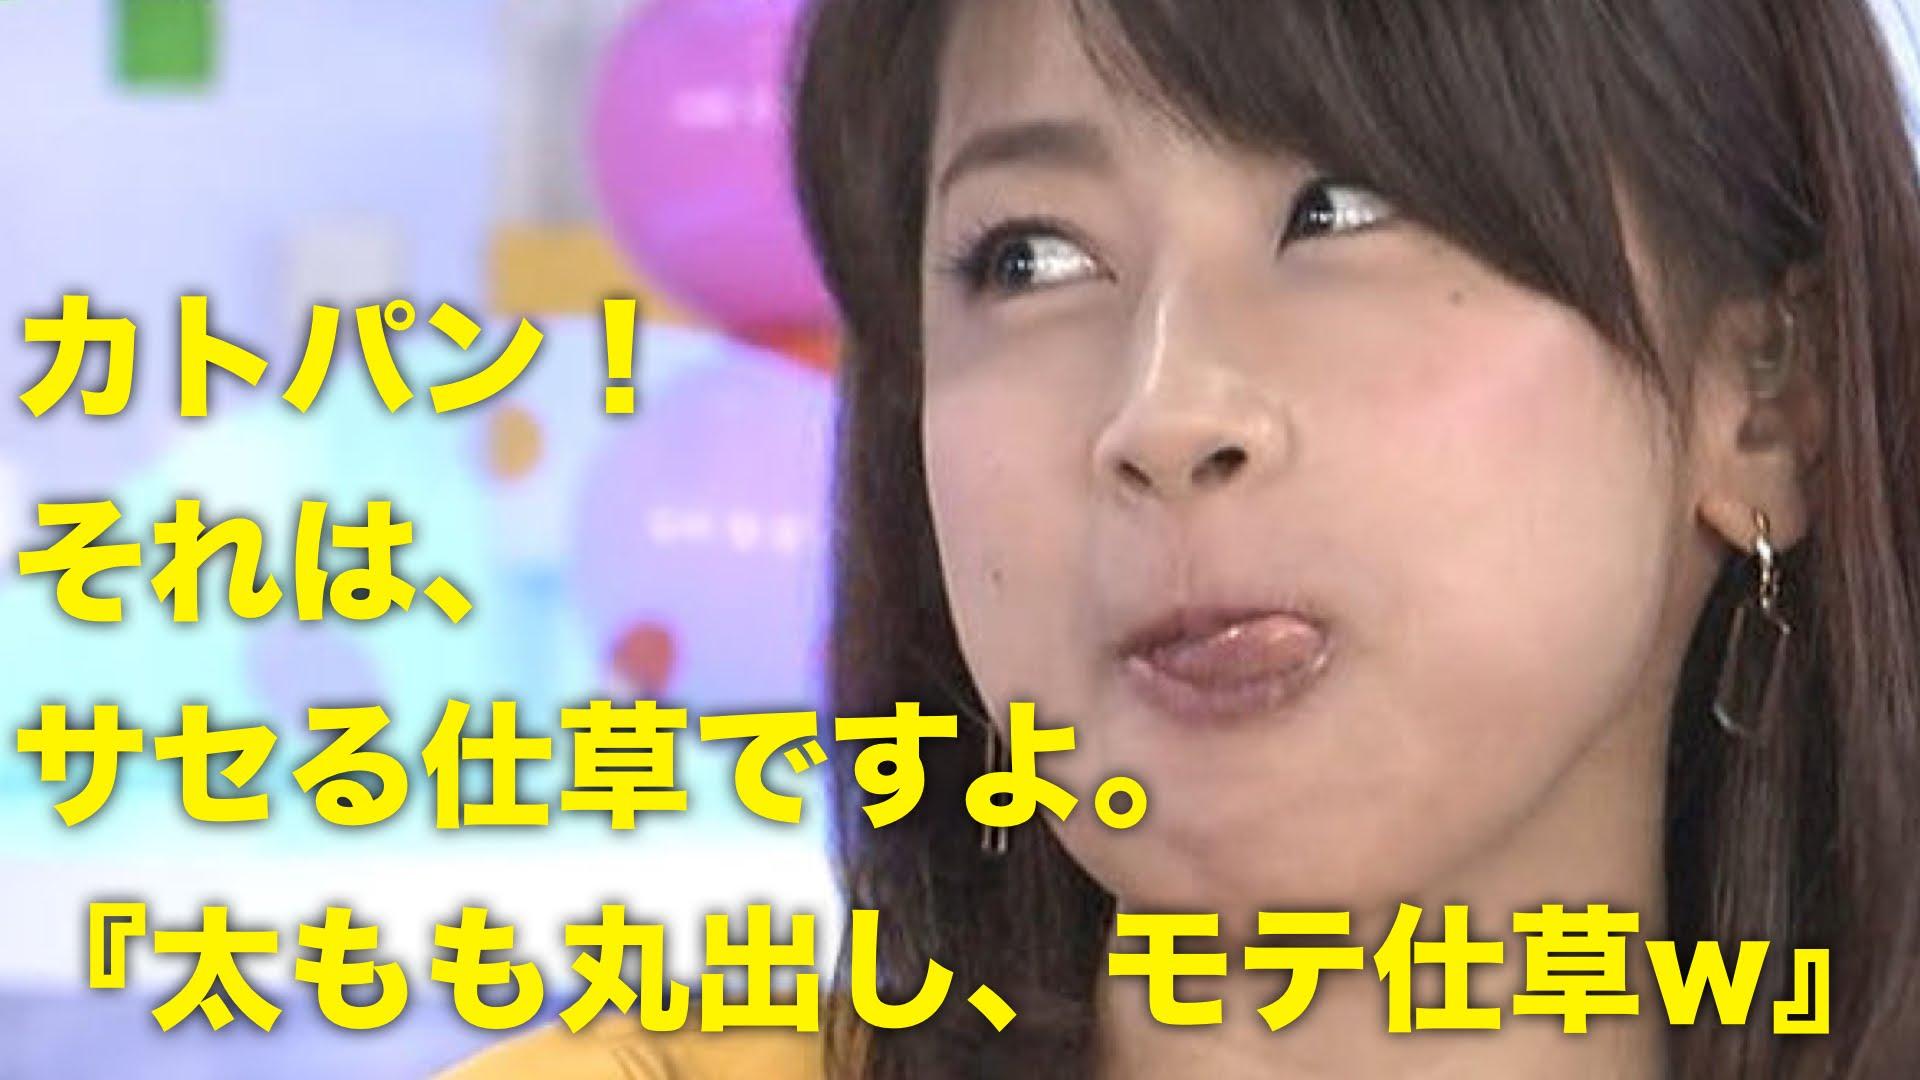 ほんまでっか!?TV・加藤綾子『私サセますにしか見えない』太もも丸出しモテ仕草に疑問w